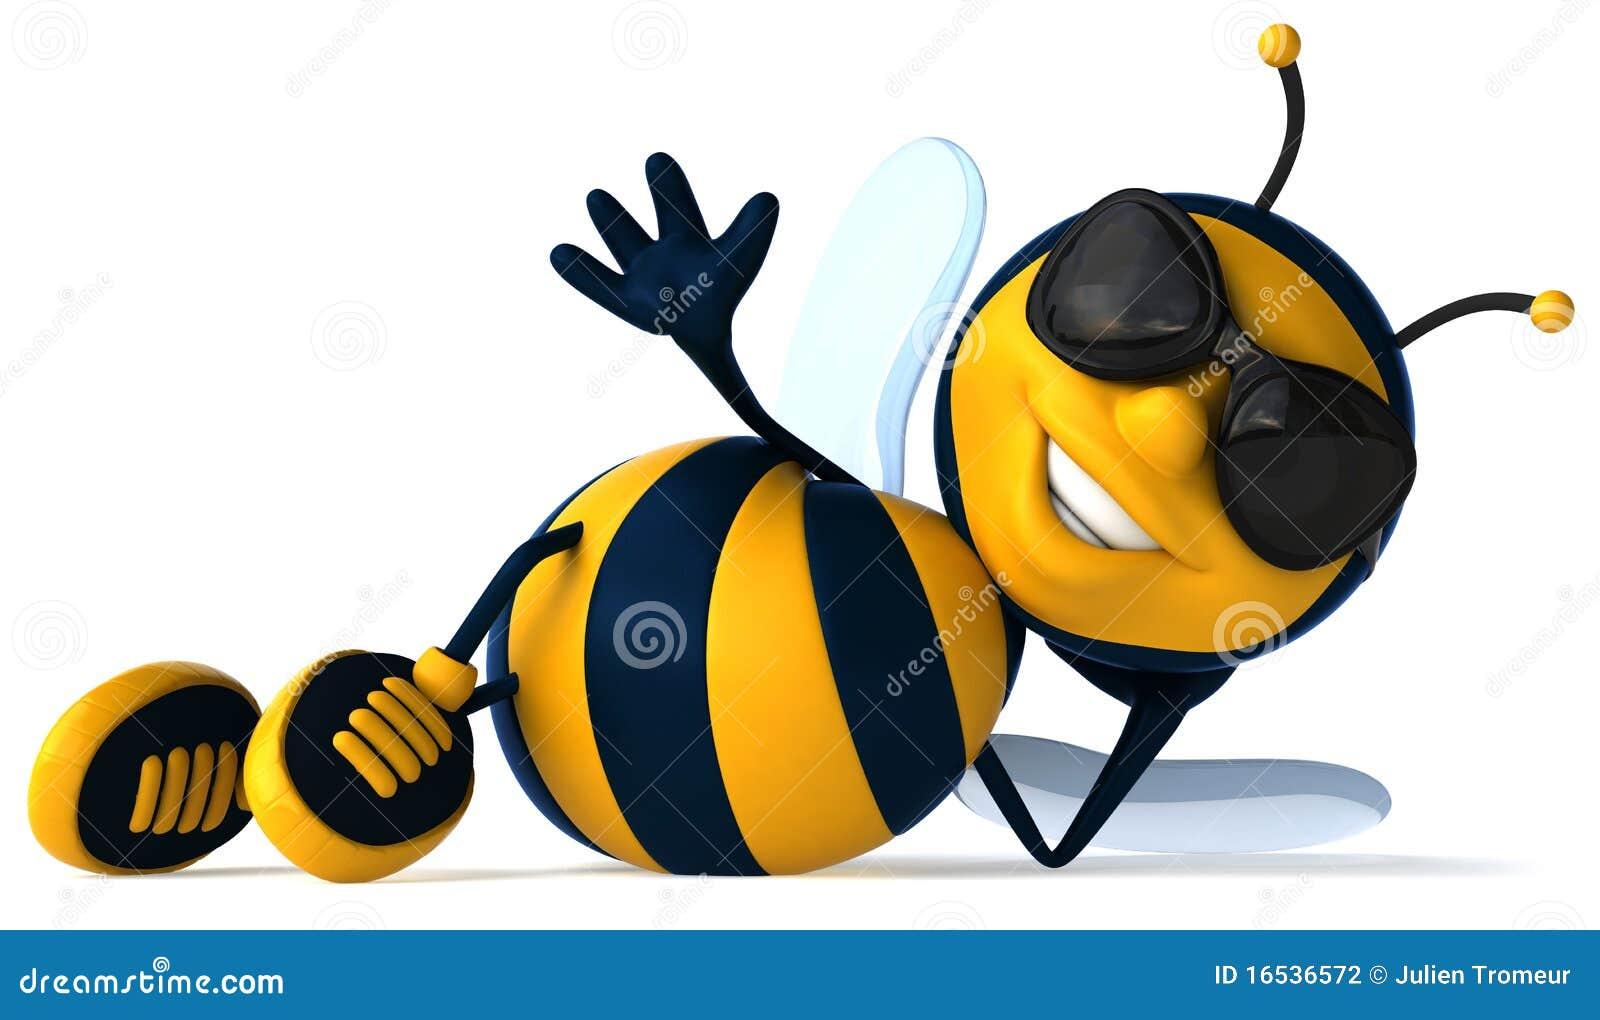 Gemütlich Biene Malseite Fotos - Malvorlagen Von Tieren - ngadi.info